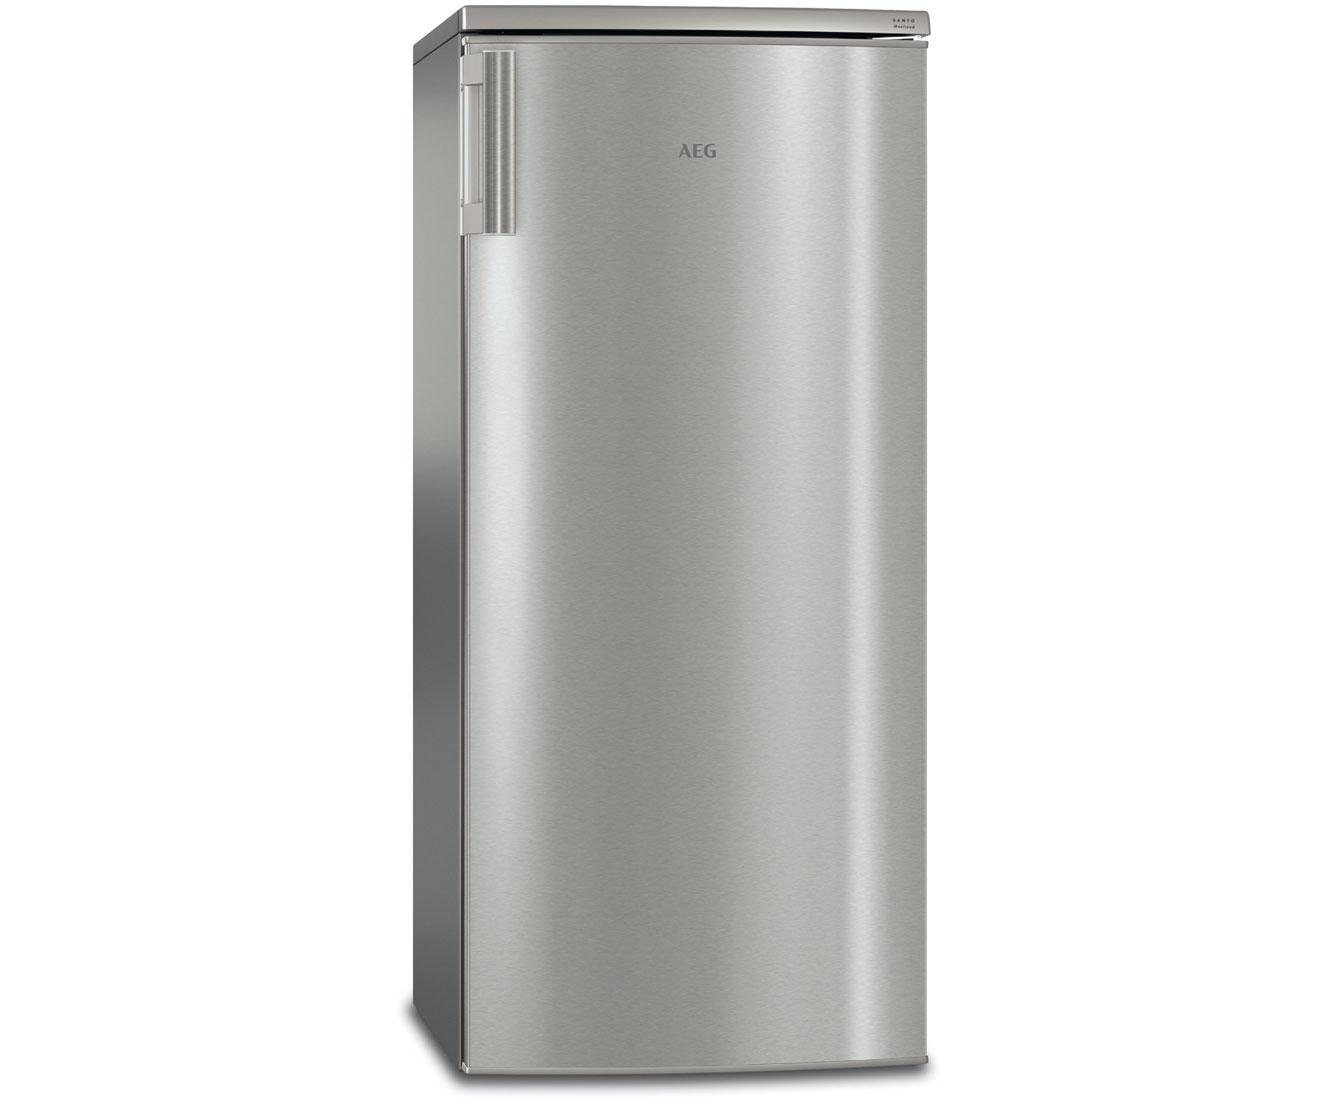 Aeg Kühlschrank A : Aeg santo rkb ax kühlschrank edelstahl a